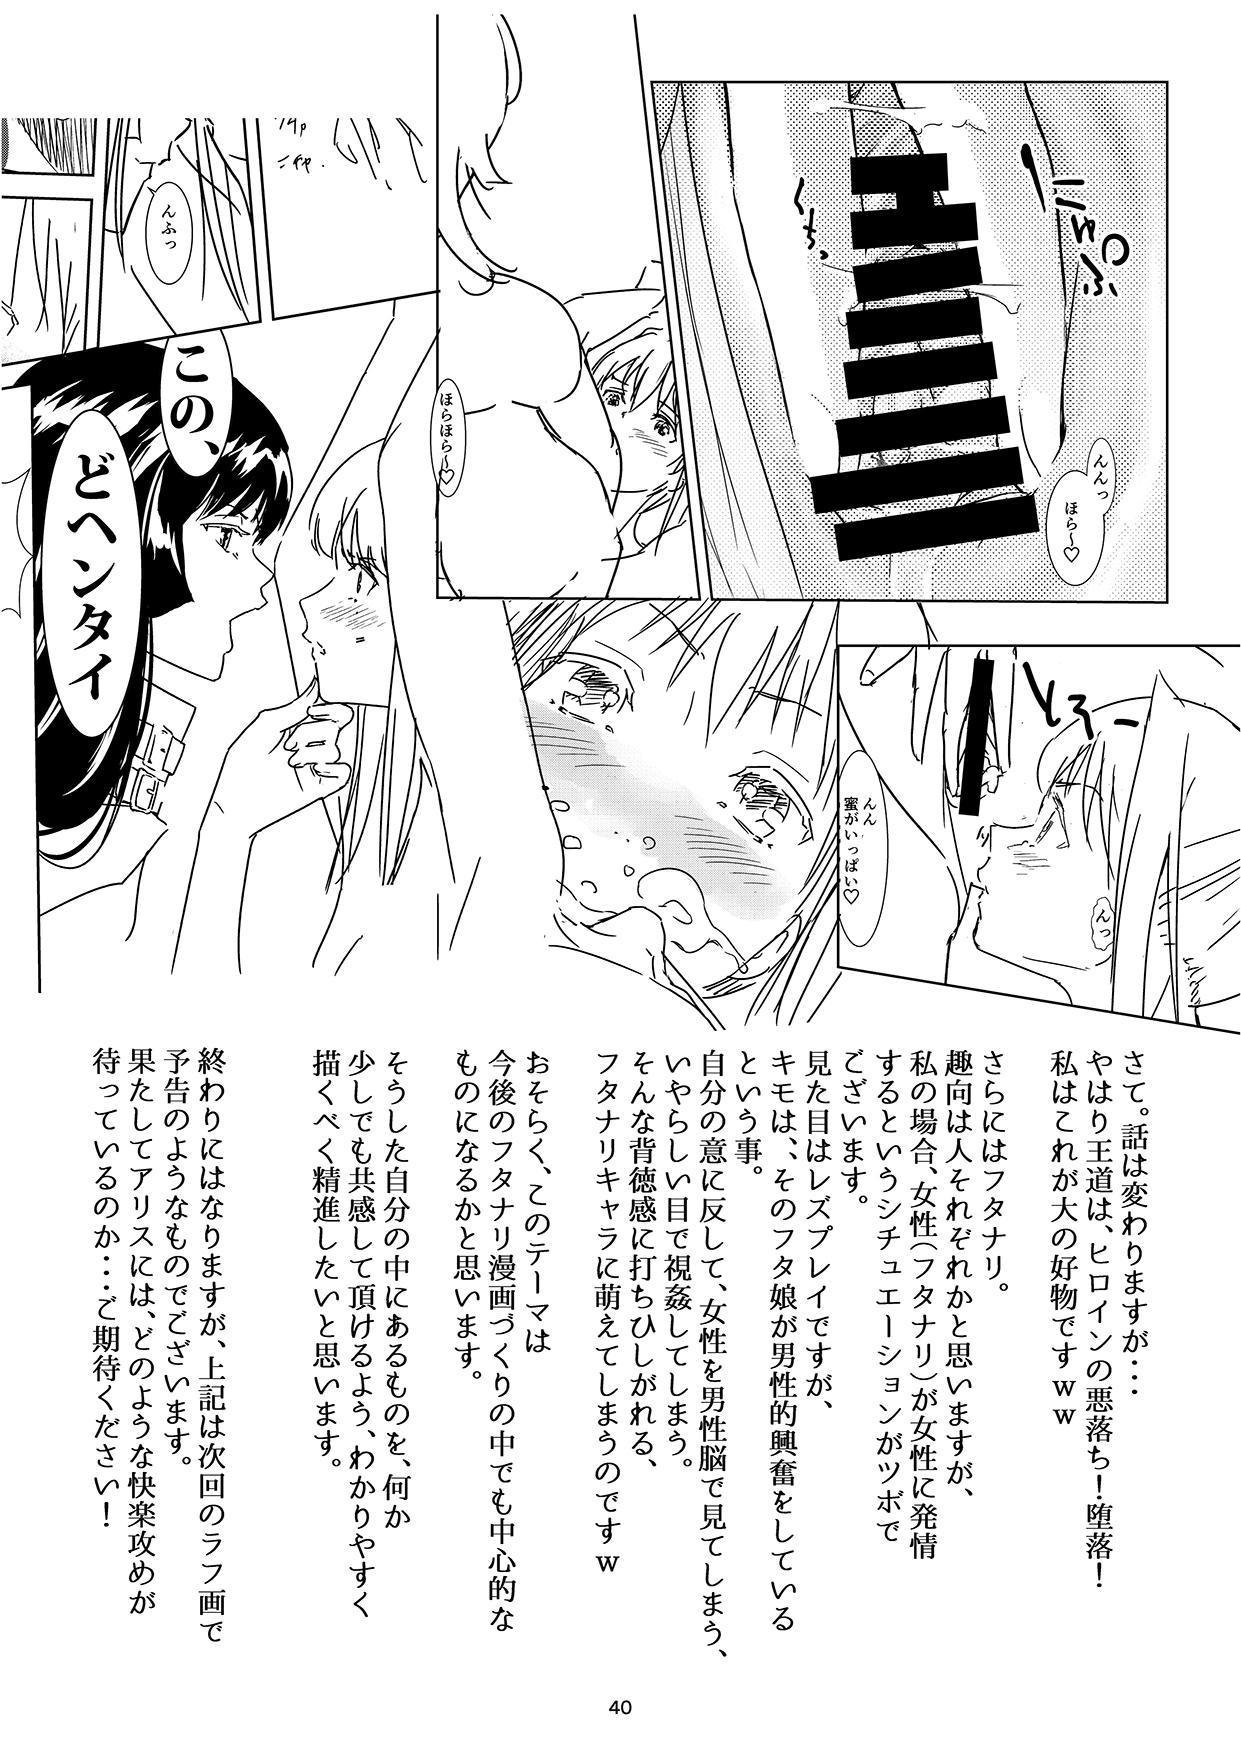 Shogun no Min Freejia 38